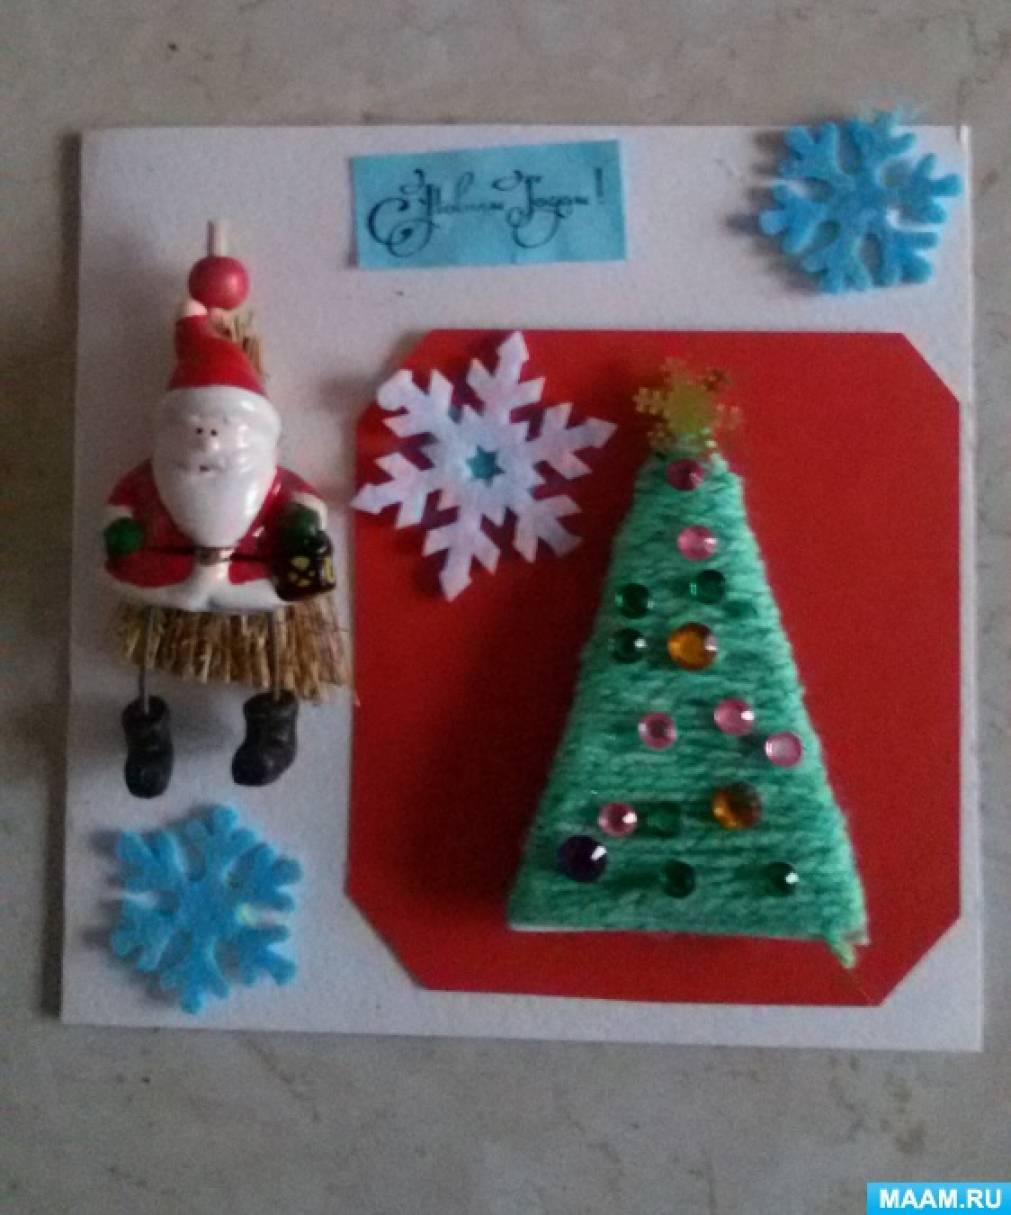 Мастер-класс для детей «Новогодняя открытка с елочкой из ниток»